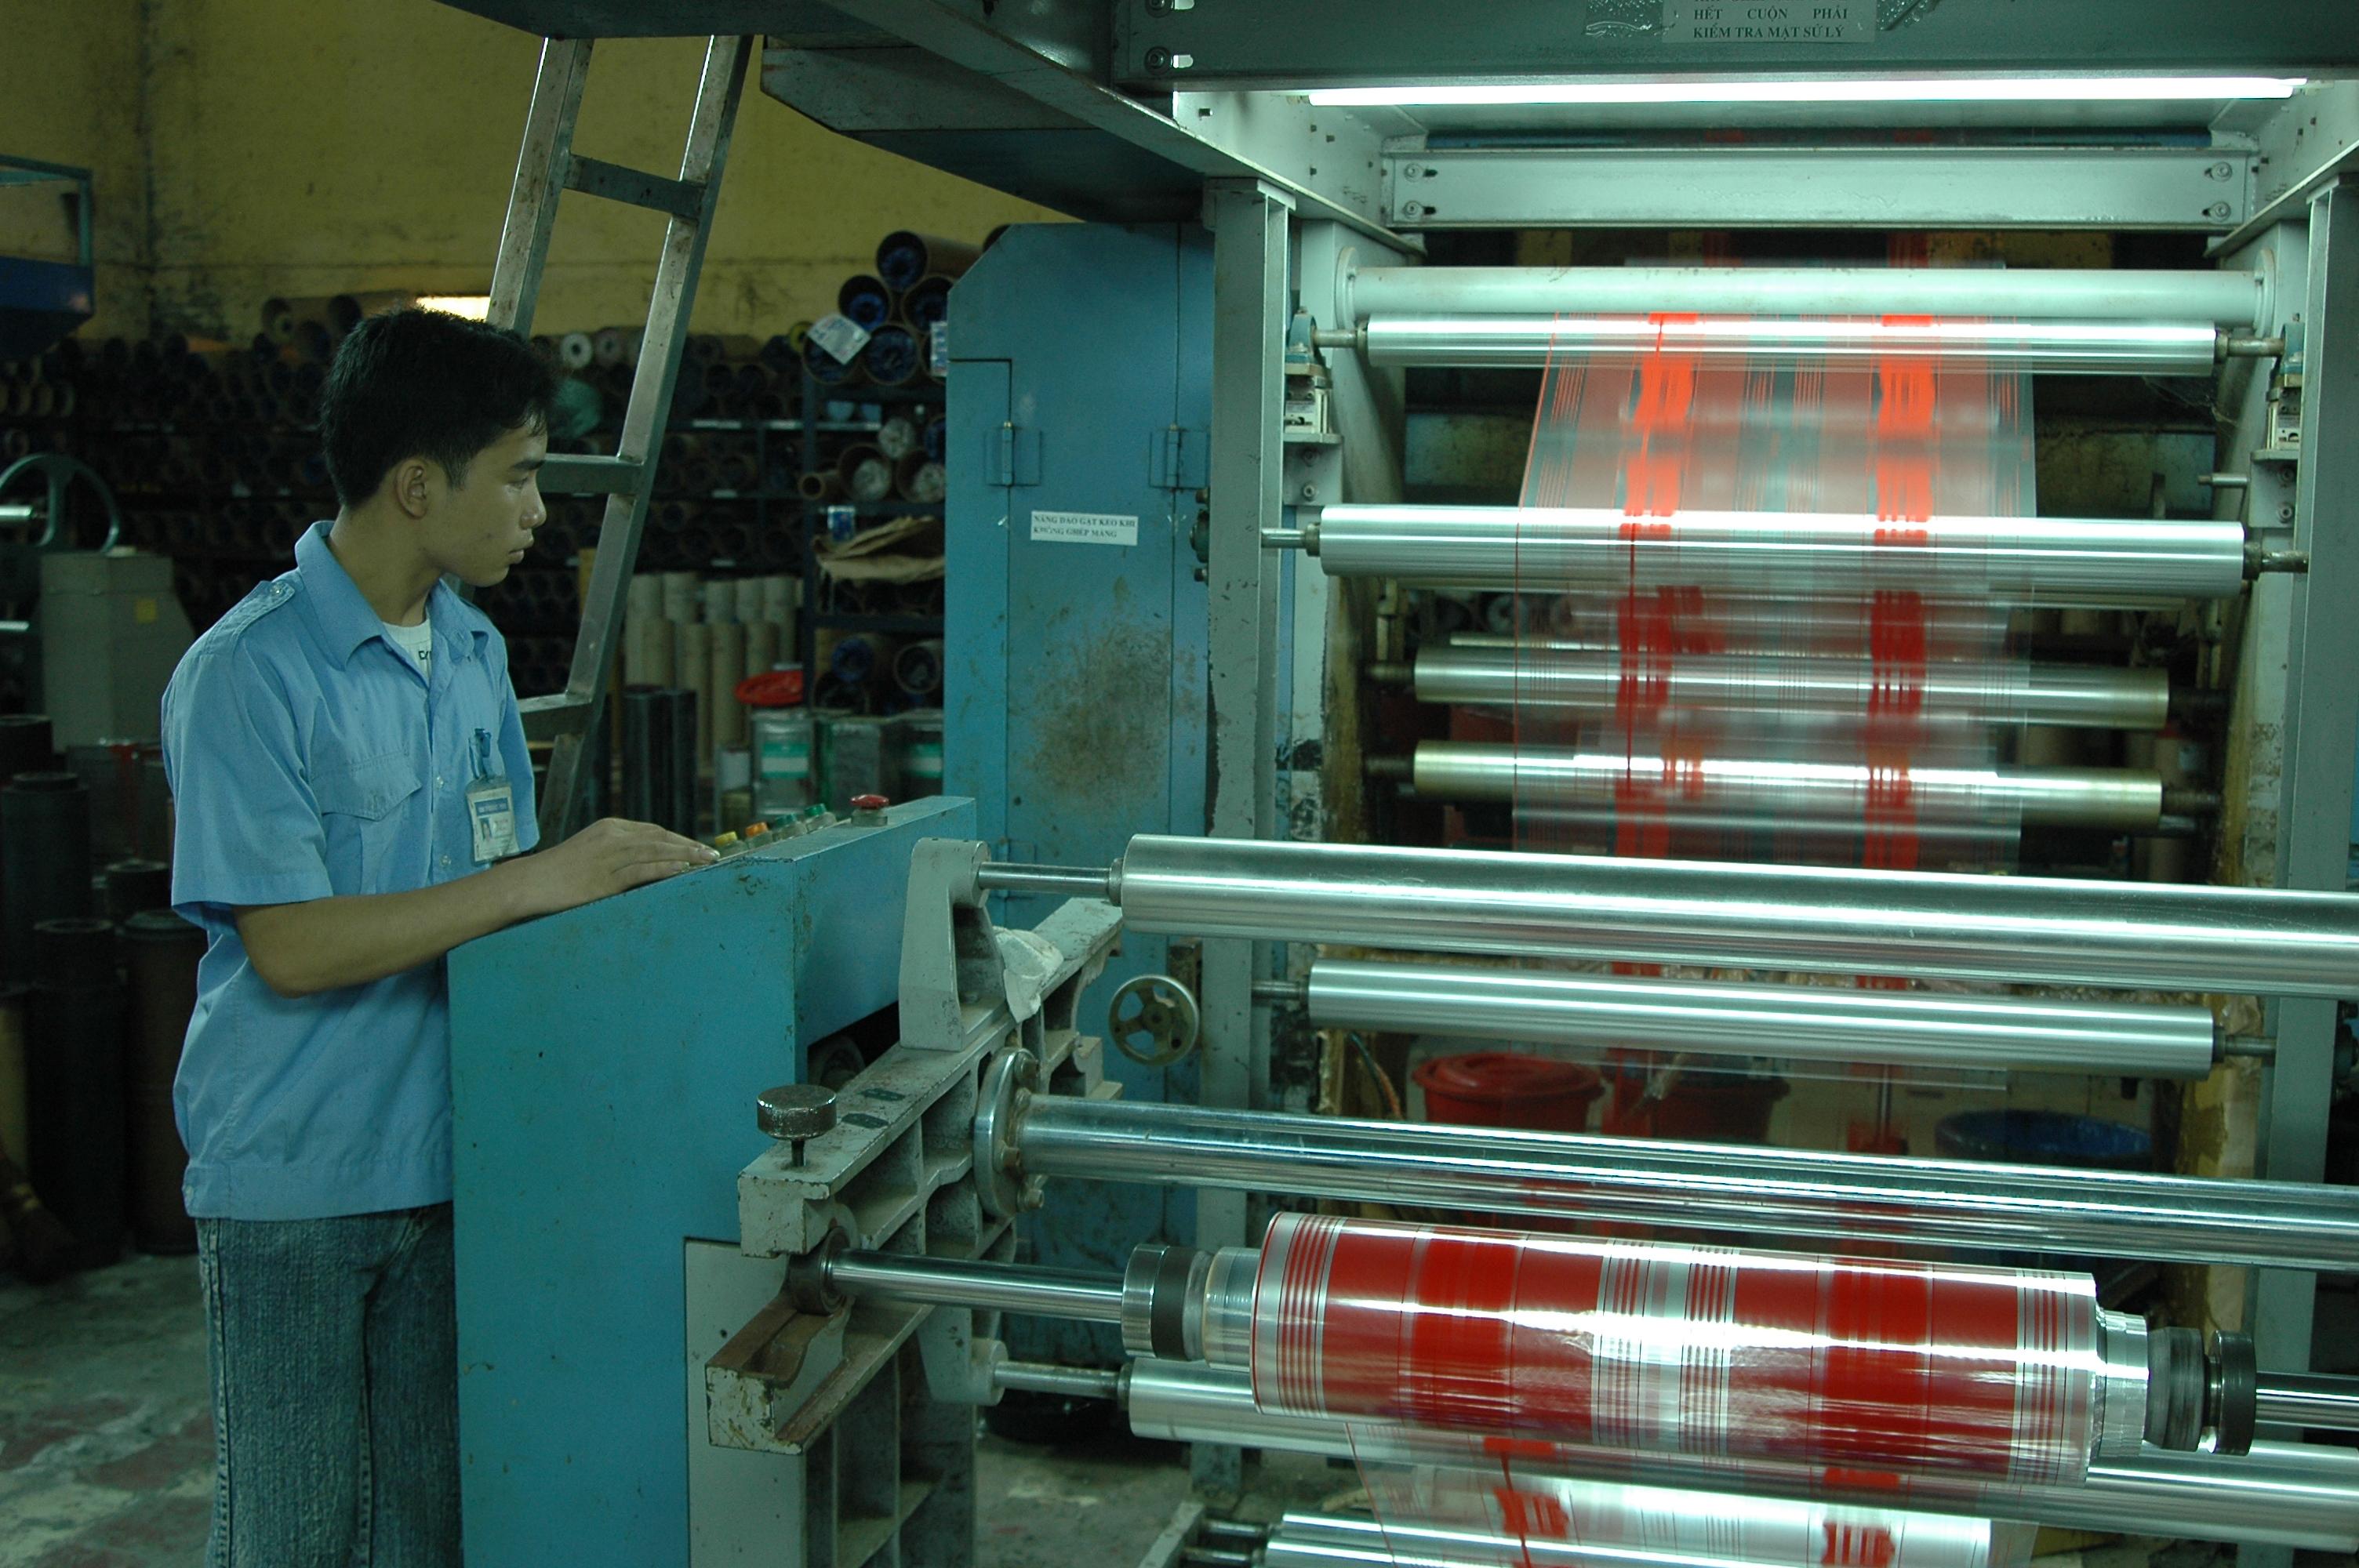 Vĩnh Phúc: 8 tháng năm 2018, sản xuất công nghiệp, thương mại, dịch vụ tiếp tục tăng trưởng